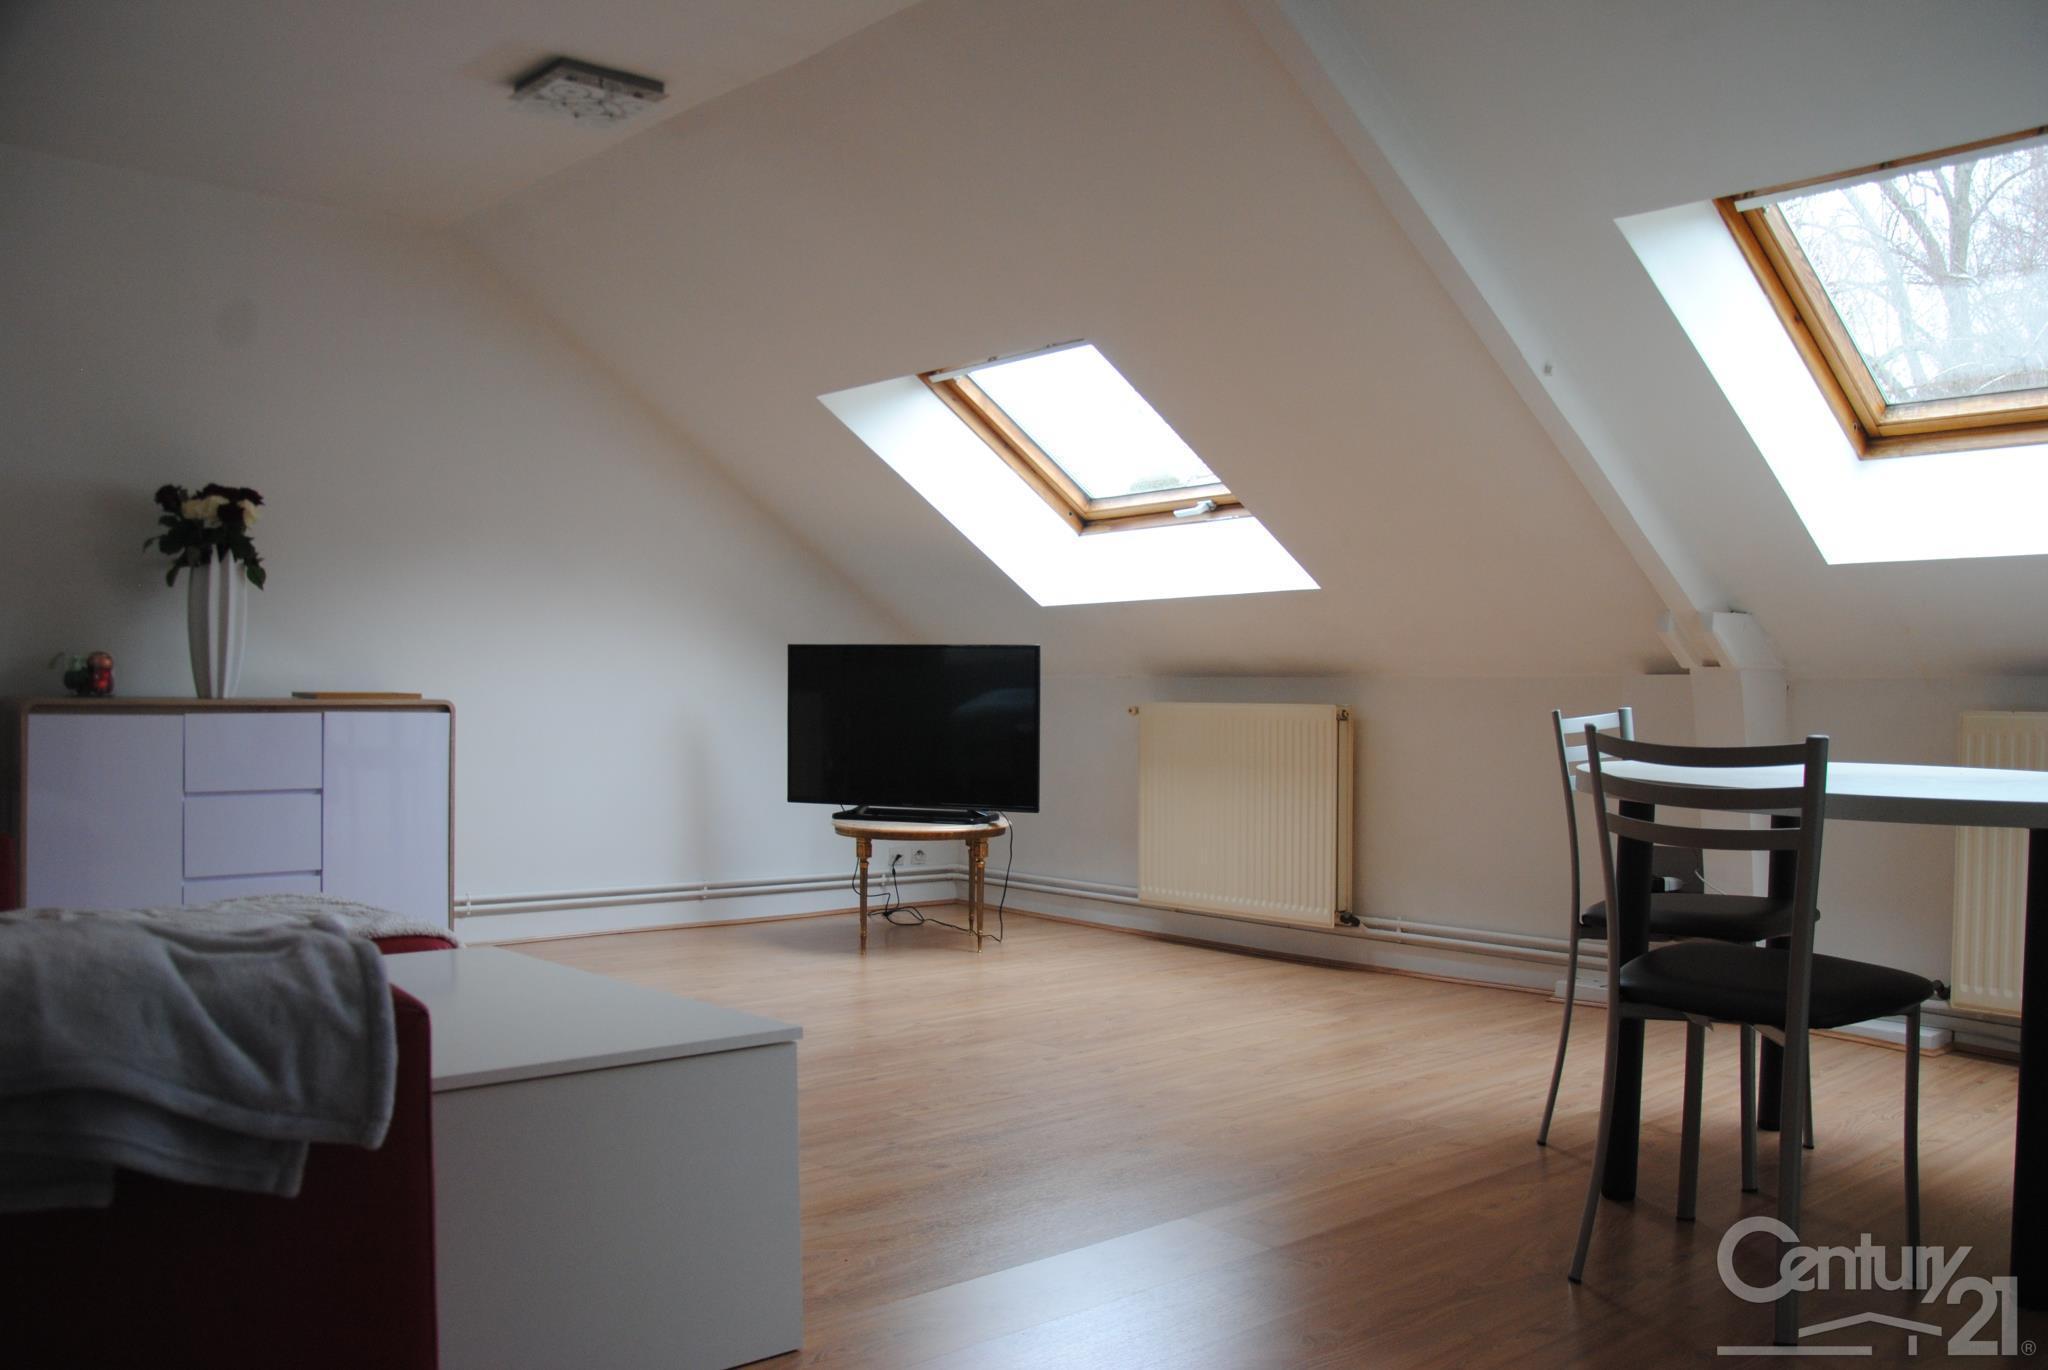 Appartement f3 à louer - 3 pièces - 53 m2 - LILLEBONNE - 76 - HAUTE-NORMANDIE